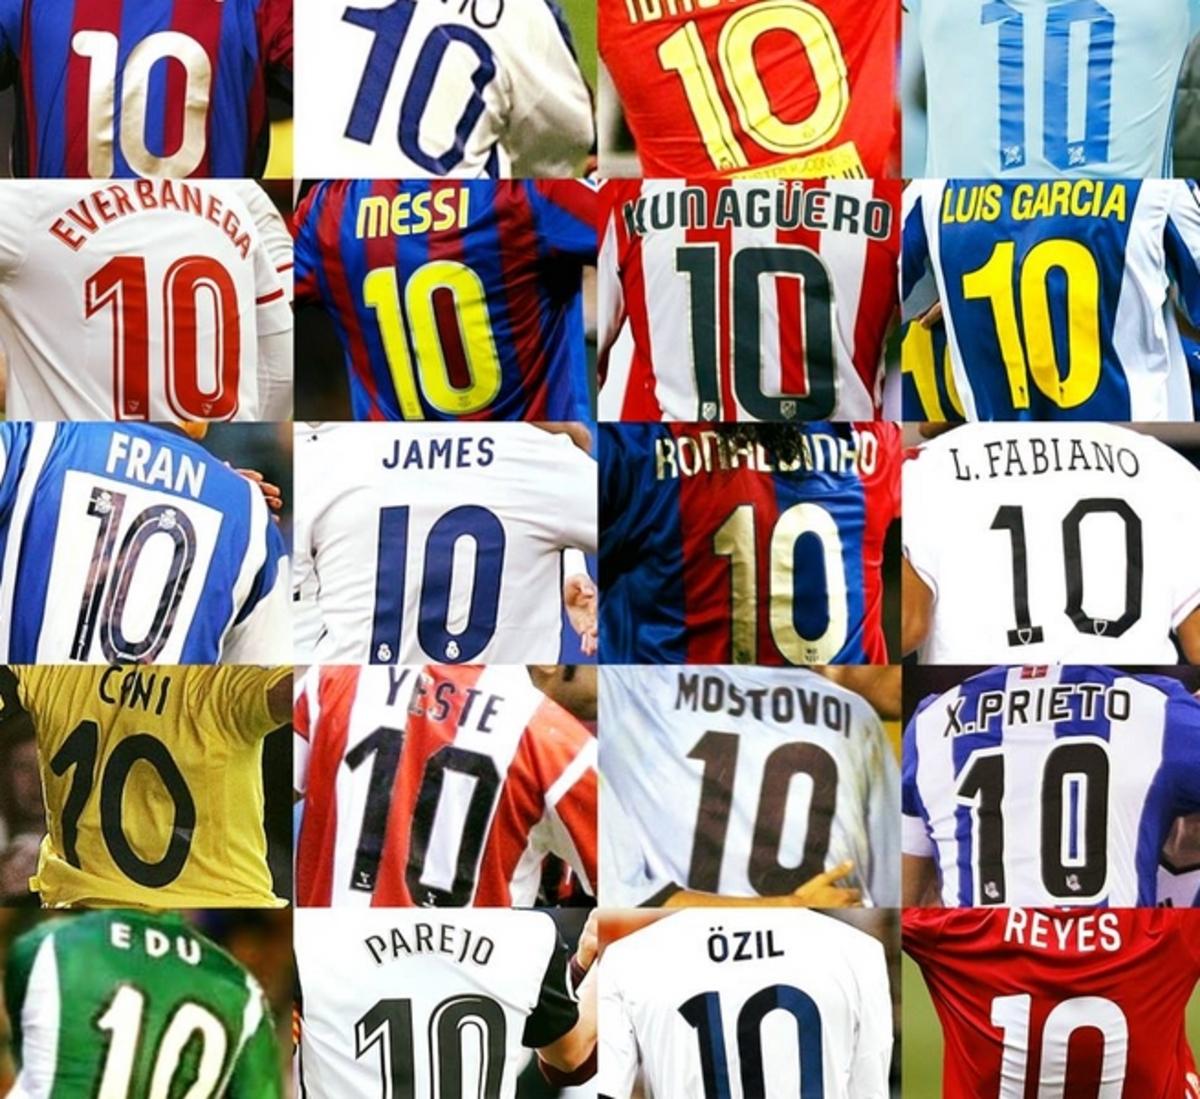 """Το ποδόσφαιρο """"ξεχρεώνει"""" την Ισπανία! """"Αδιανόητα"""" έσοδα από φόρους – Μειώνονται τα χρέη [pic]"""